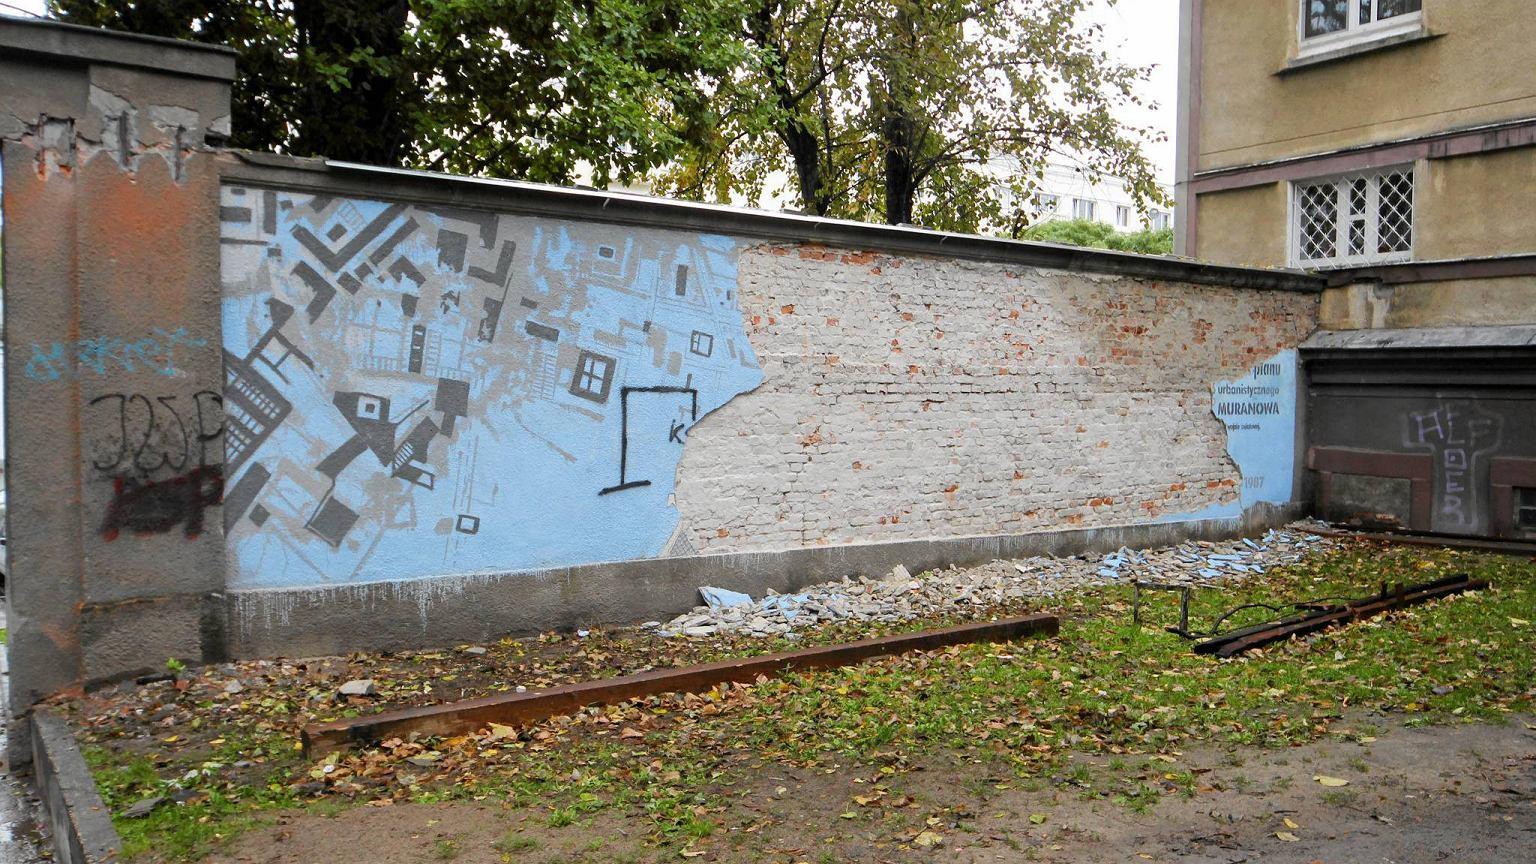 Dzielnica sku a mural obiecuje e go odtworzy for Mural ursynow